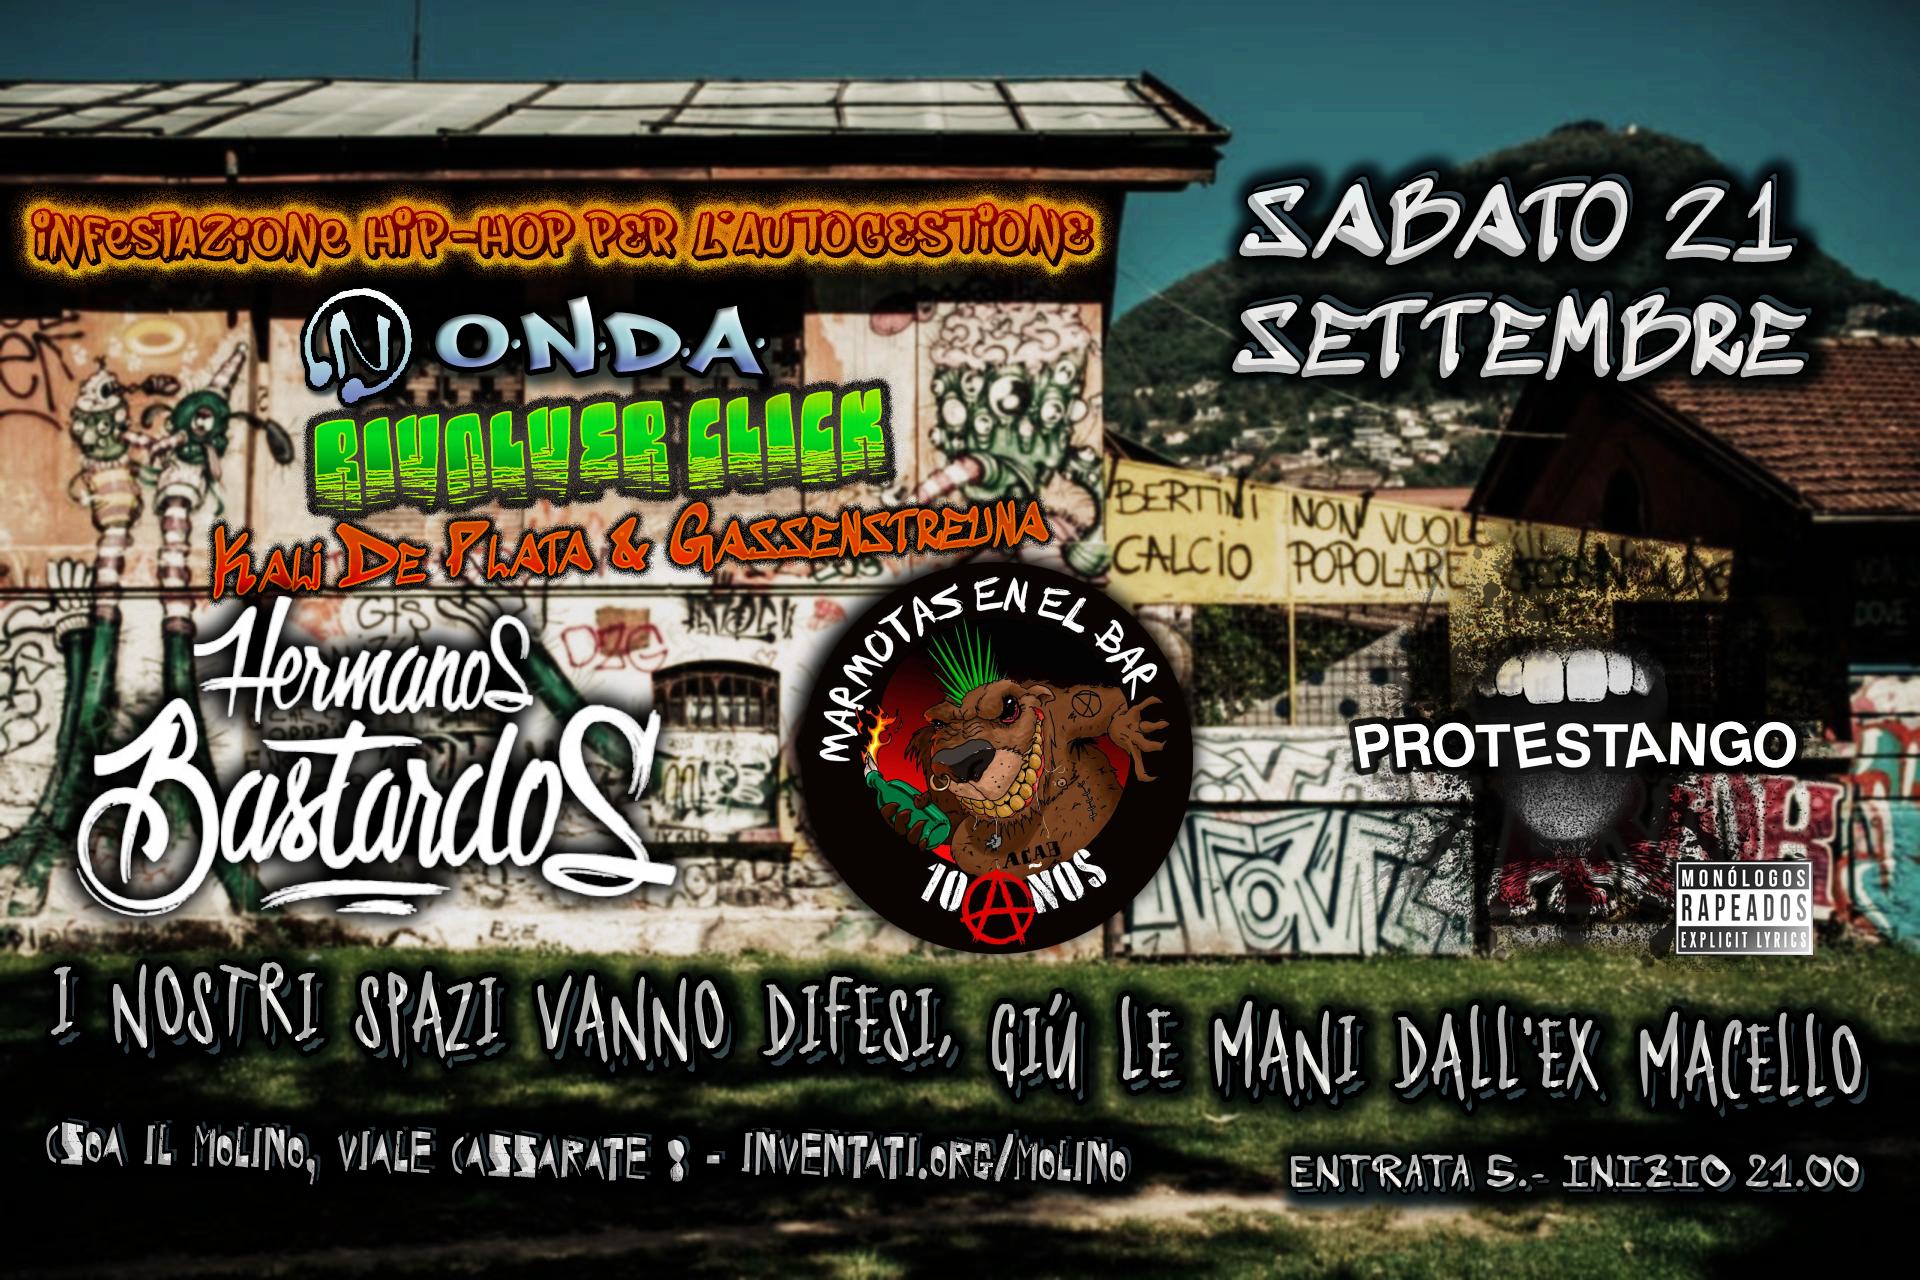 Lugano (SUIZA) Hermanos Bastardos + Marmotas en el Bar + Protestango @ CSOA IL MOLINO